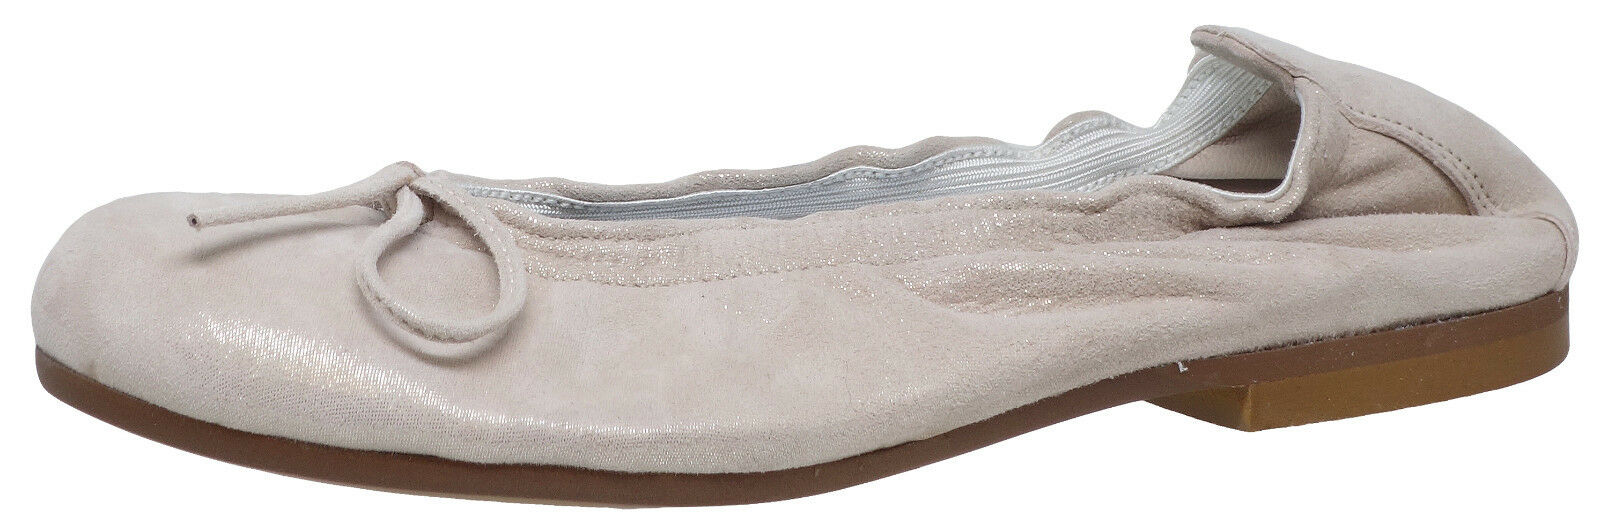 Clic! 4278 Ballerinas Schleife Leder Kinder Schuhe beige schmal Gr. 34, 39 Neu